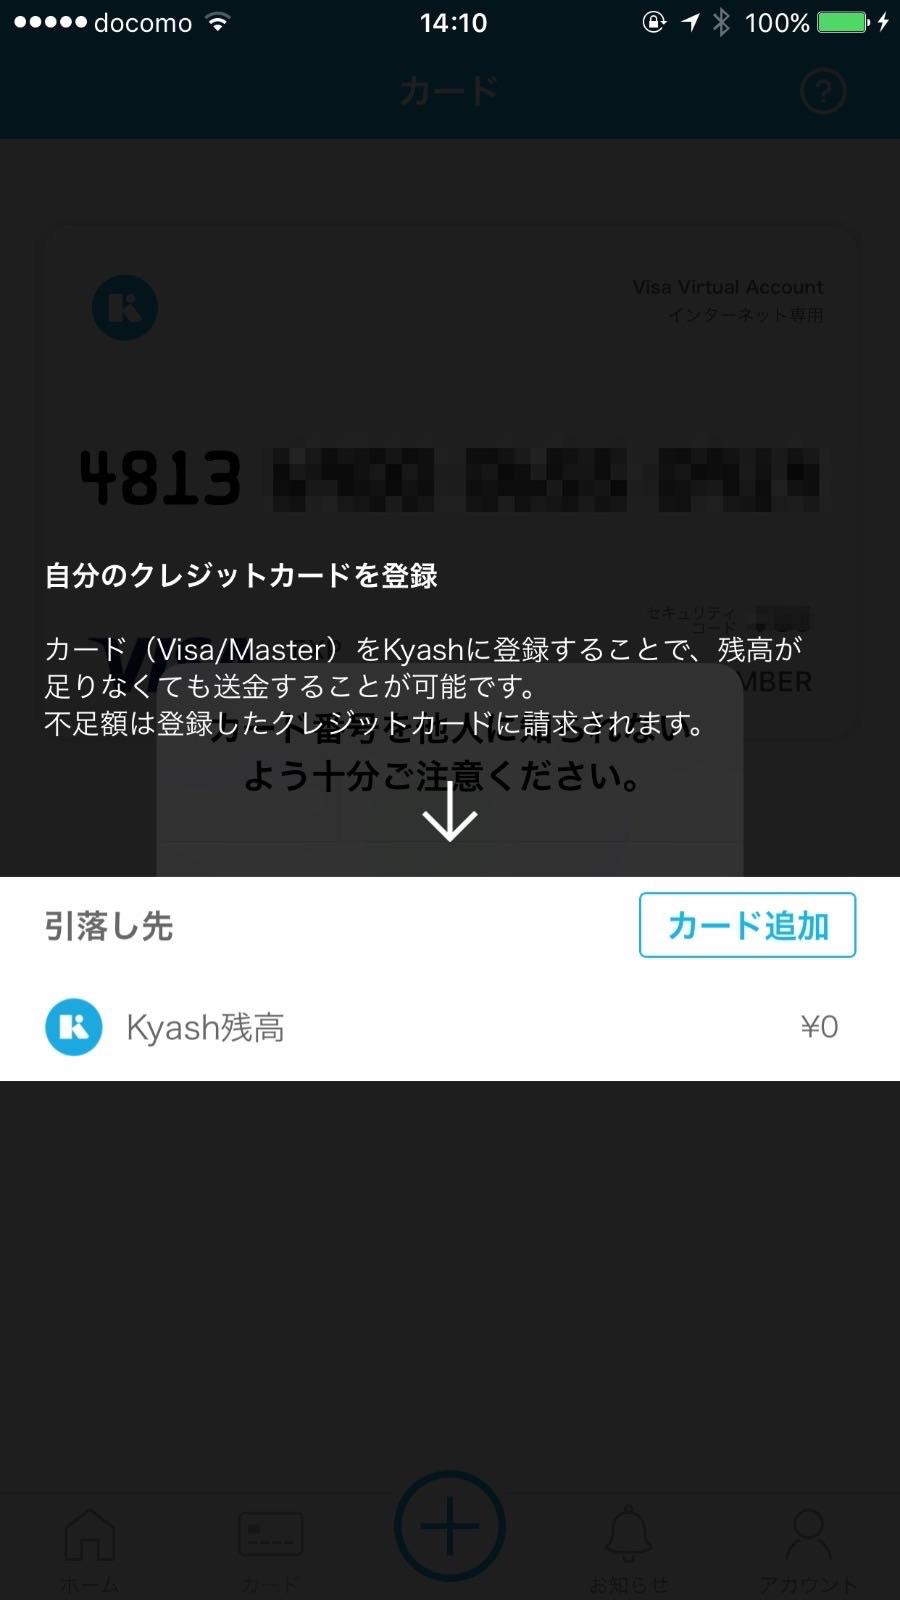 Kyash 9340